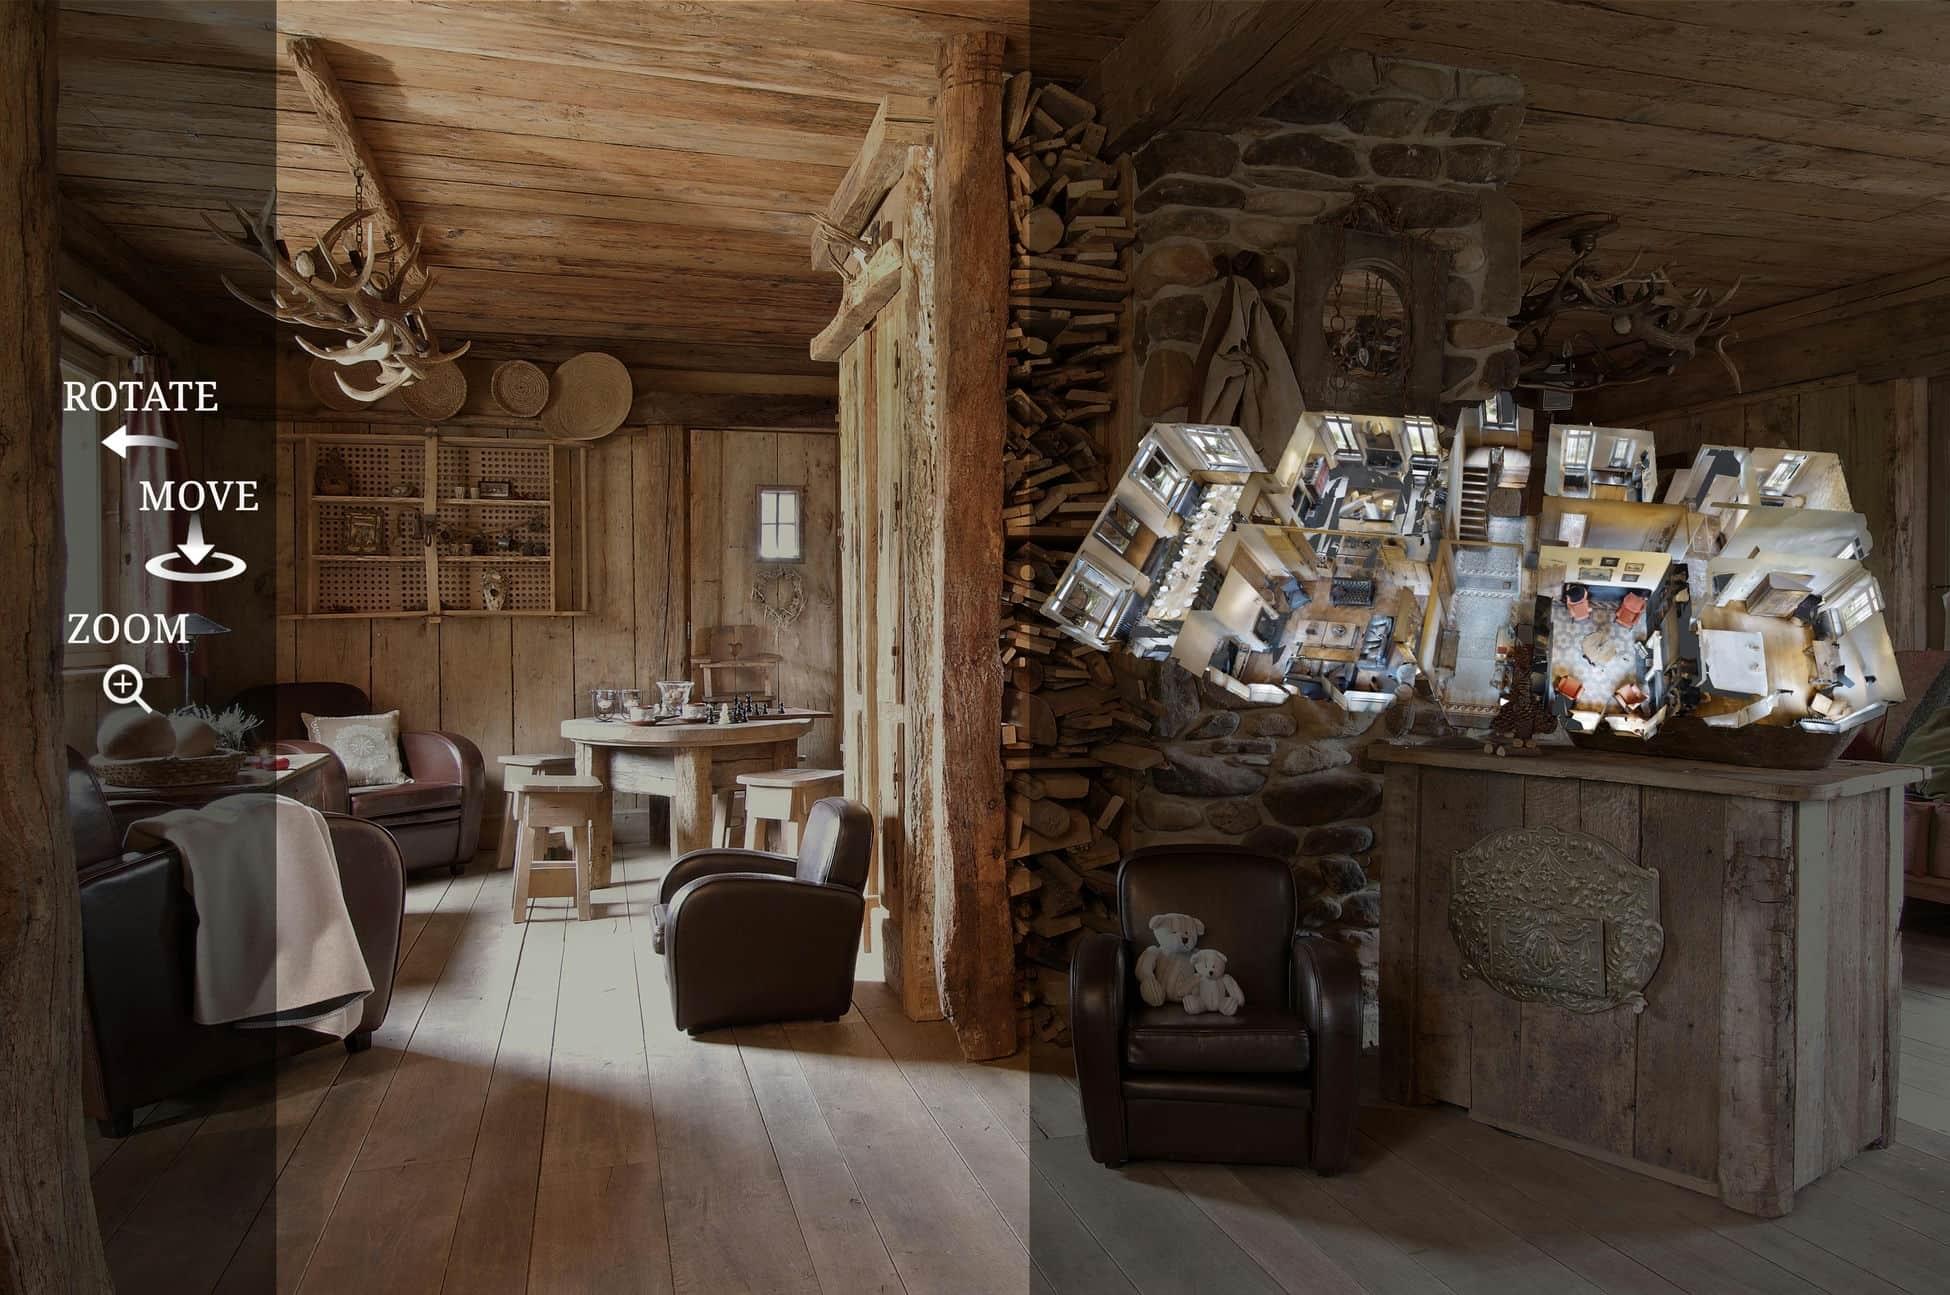 La visite virtuelle 360 au service de la location de vacances en Ardenne belge !